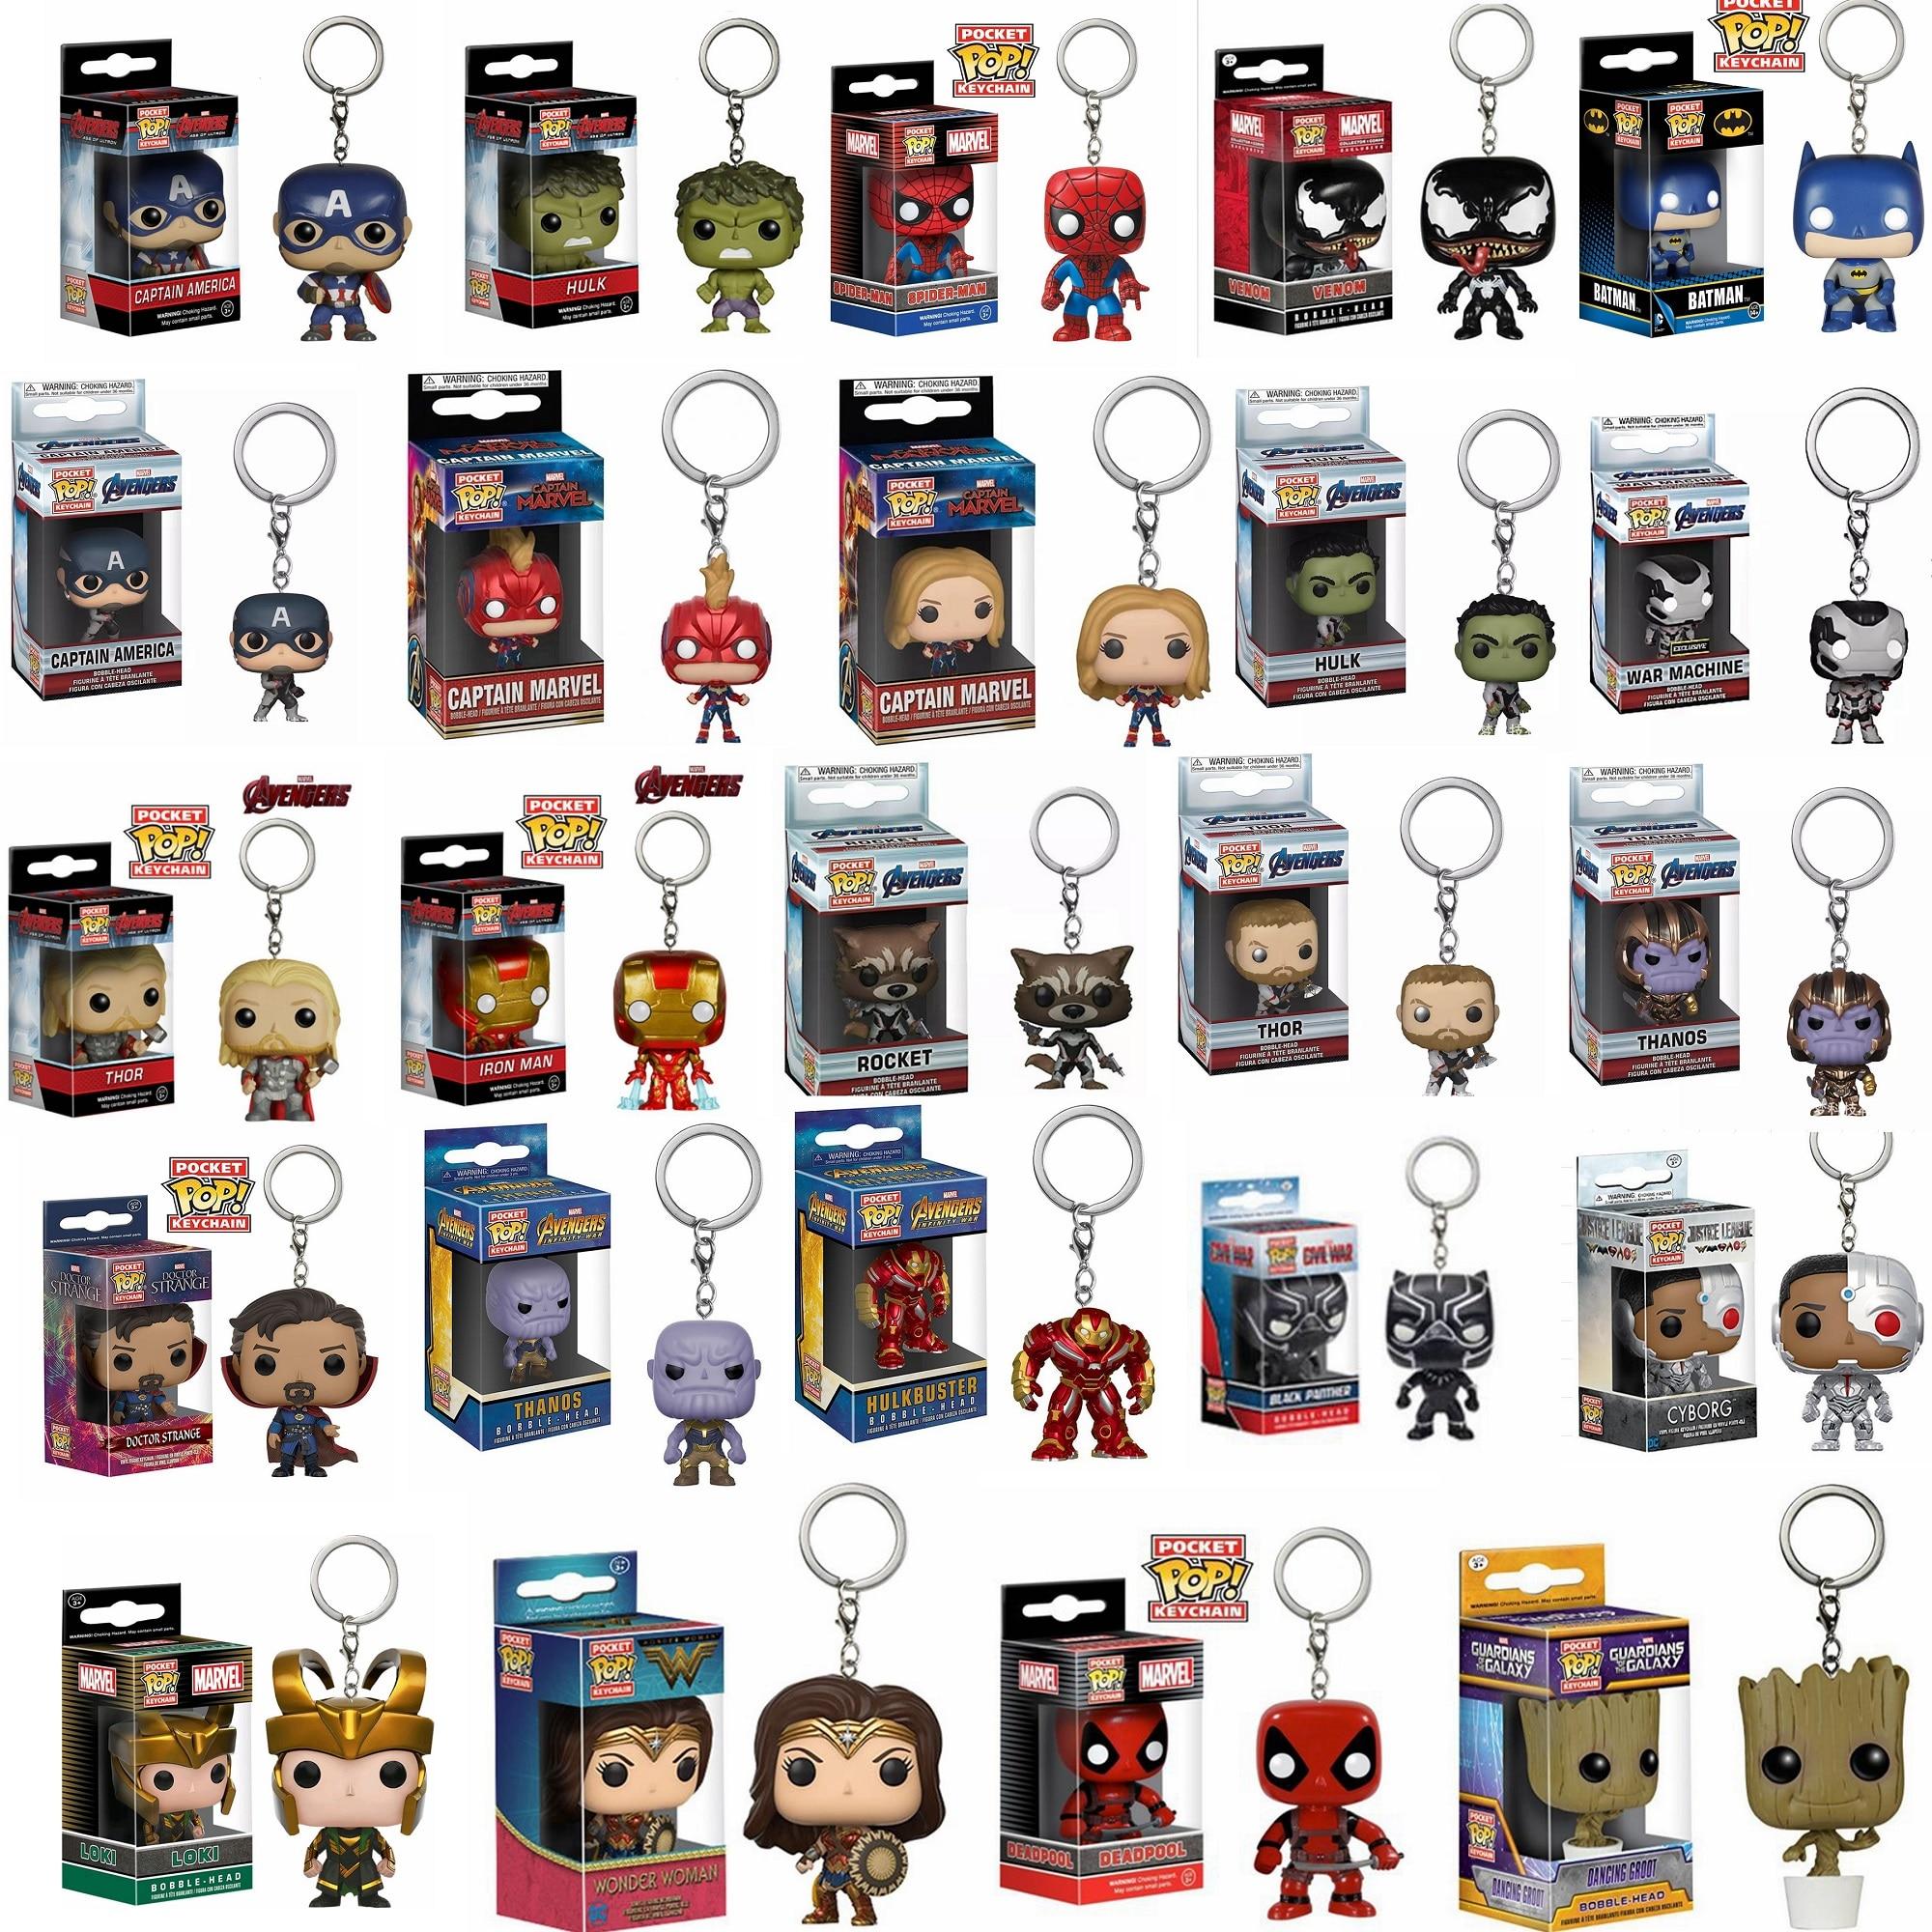 FUNKO POP Мстители 4: Endgame капитан чудо-яд Дэдпул брелок с Железным человеком Фигурки игрушки для детей Рождественский подарок